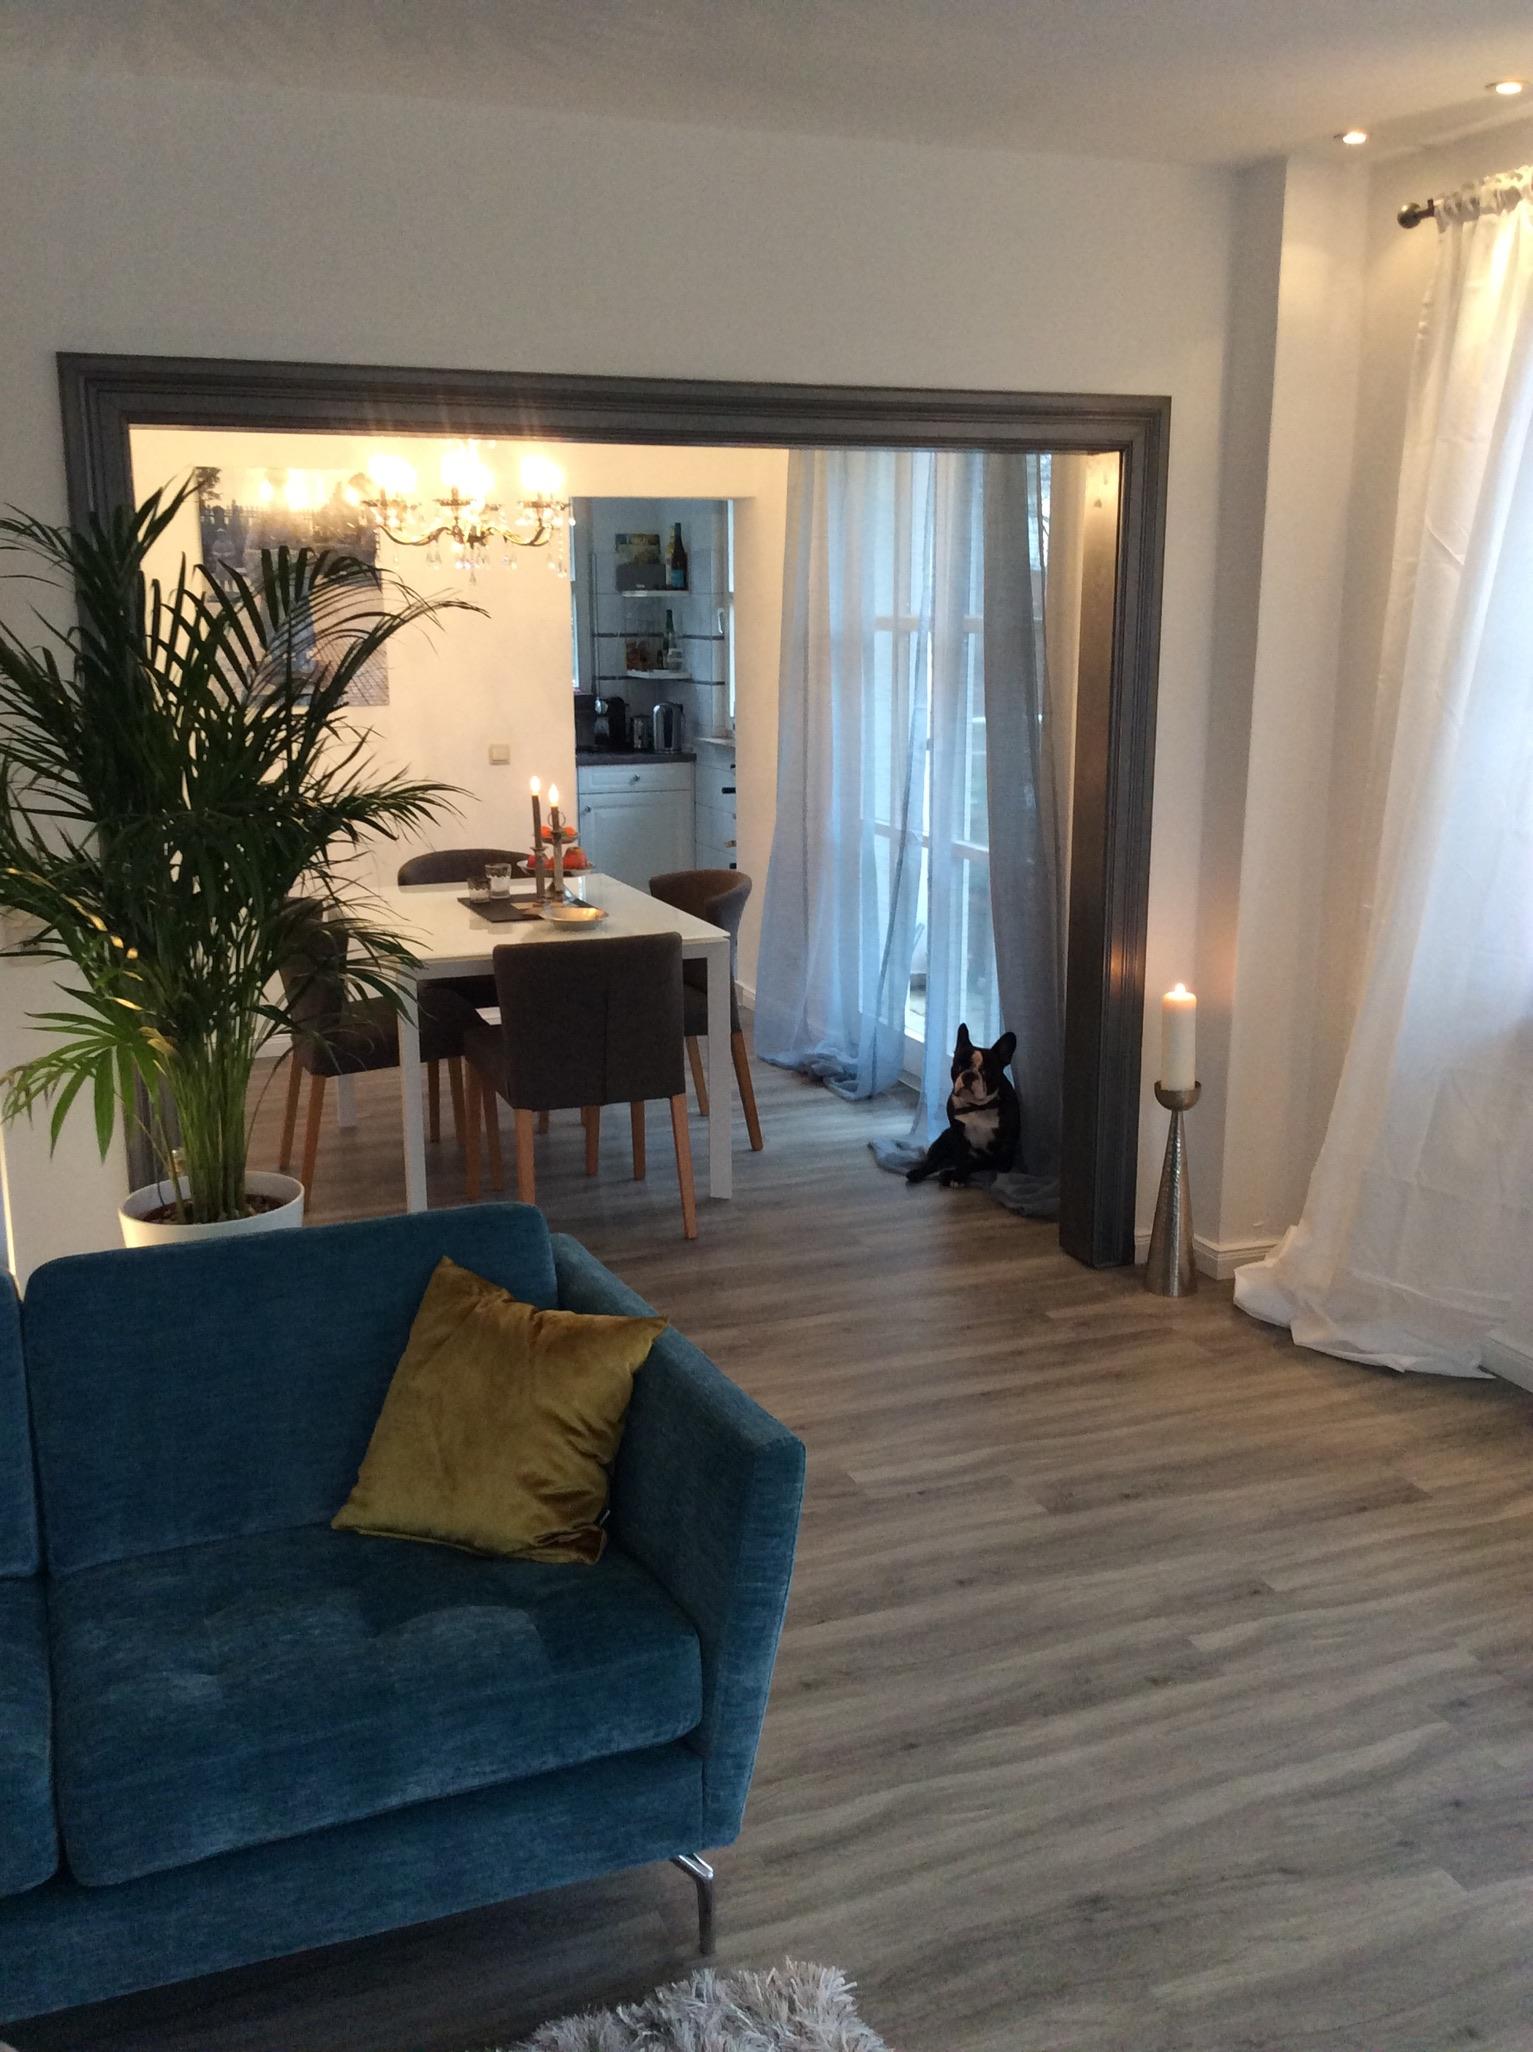 M blierte 2 zimmer mietwohnung mit balkon zu mieten in for Wohnungssuche zu mieten